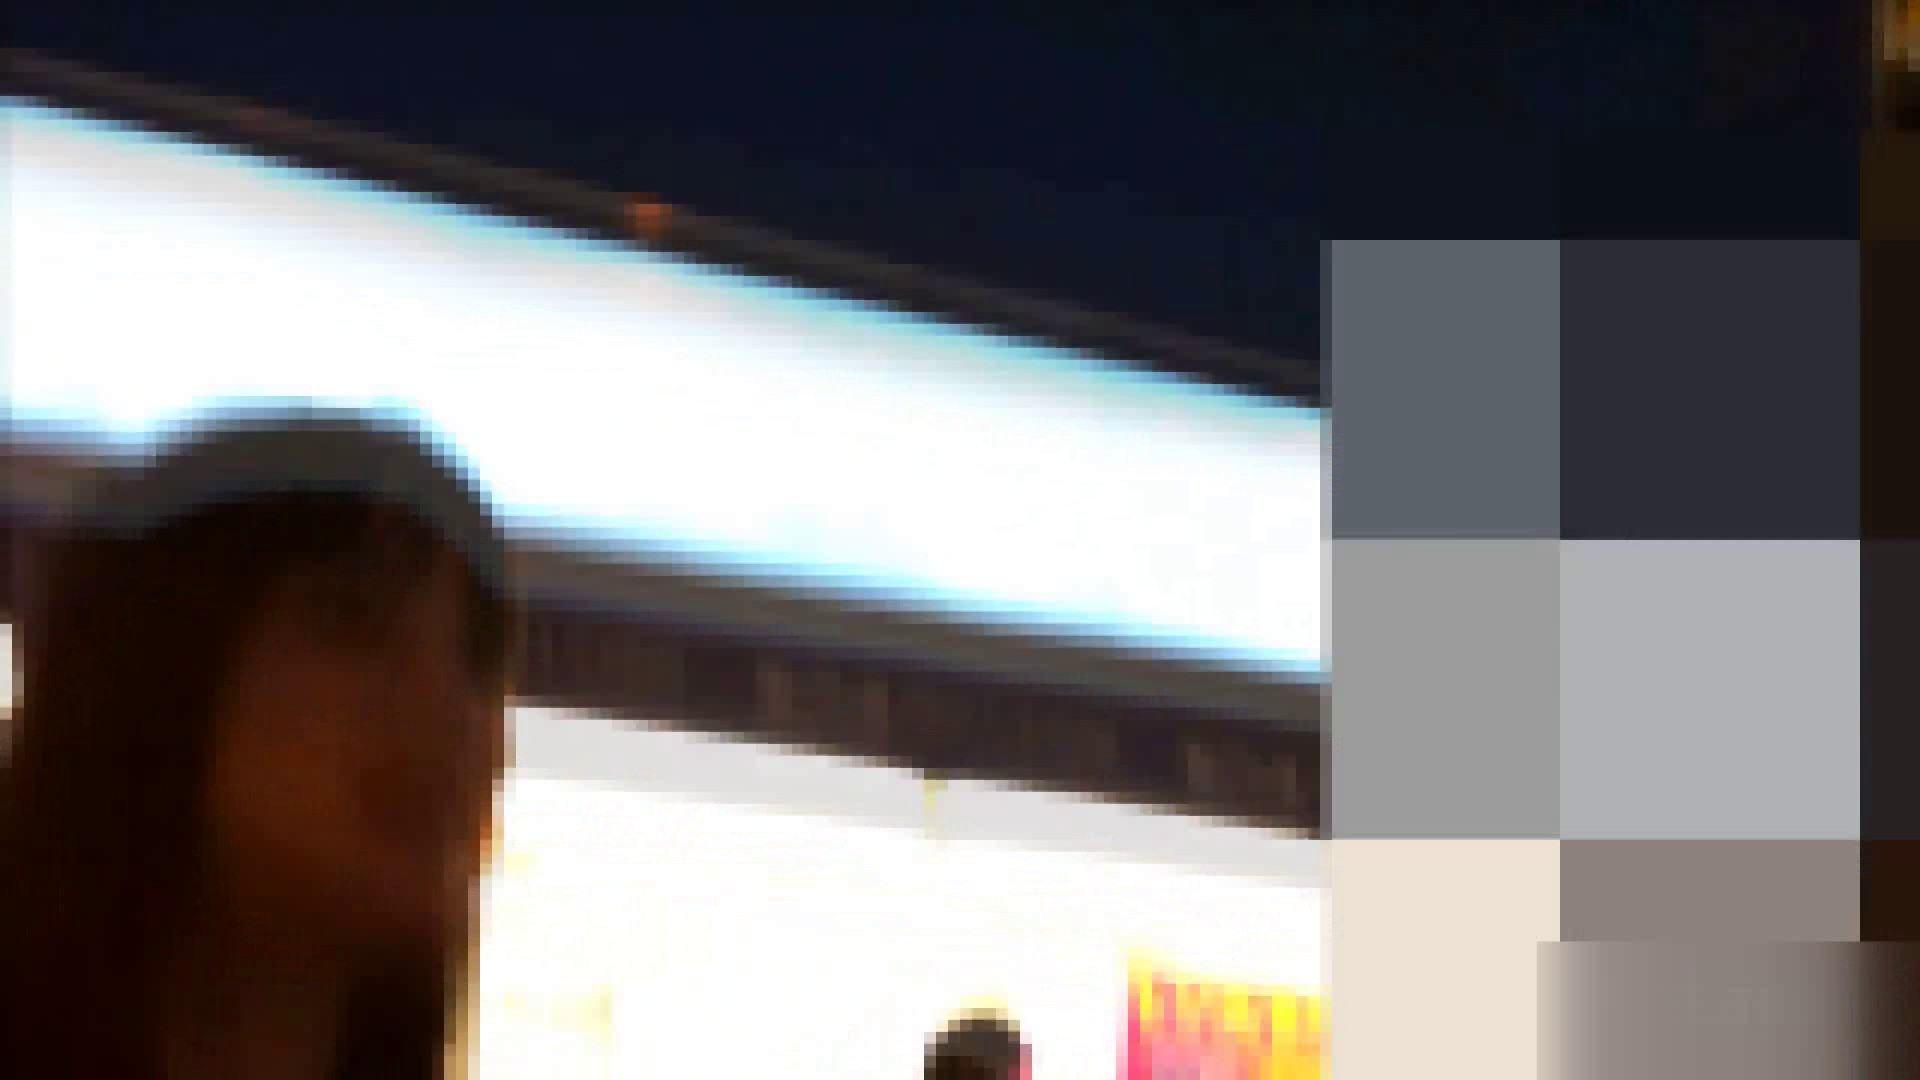 ガールズパンチラストリートビューVol.020 パンチラのぞき セックス画像 86画像 35